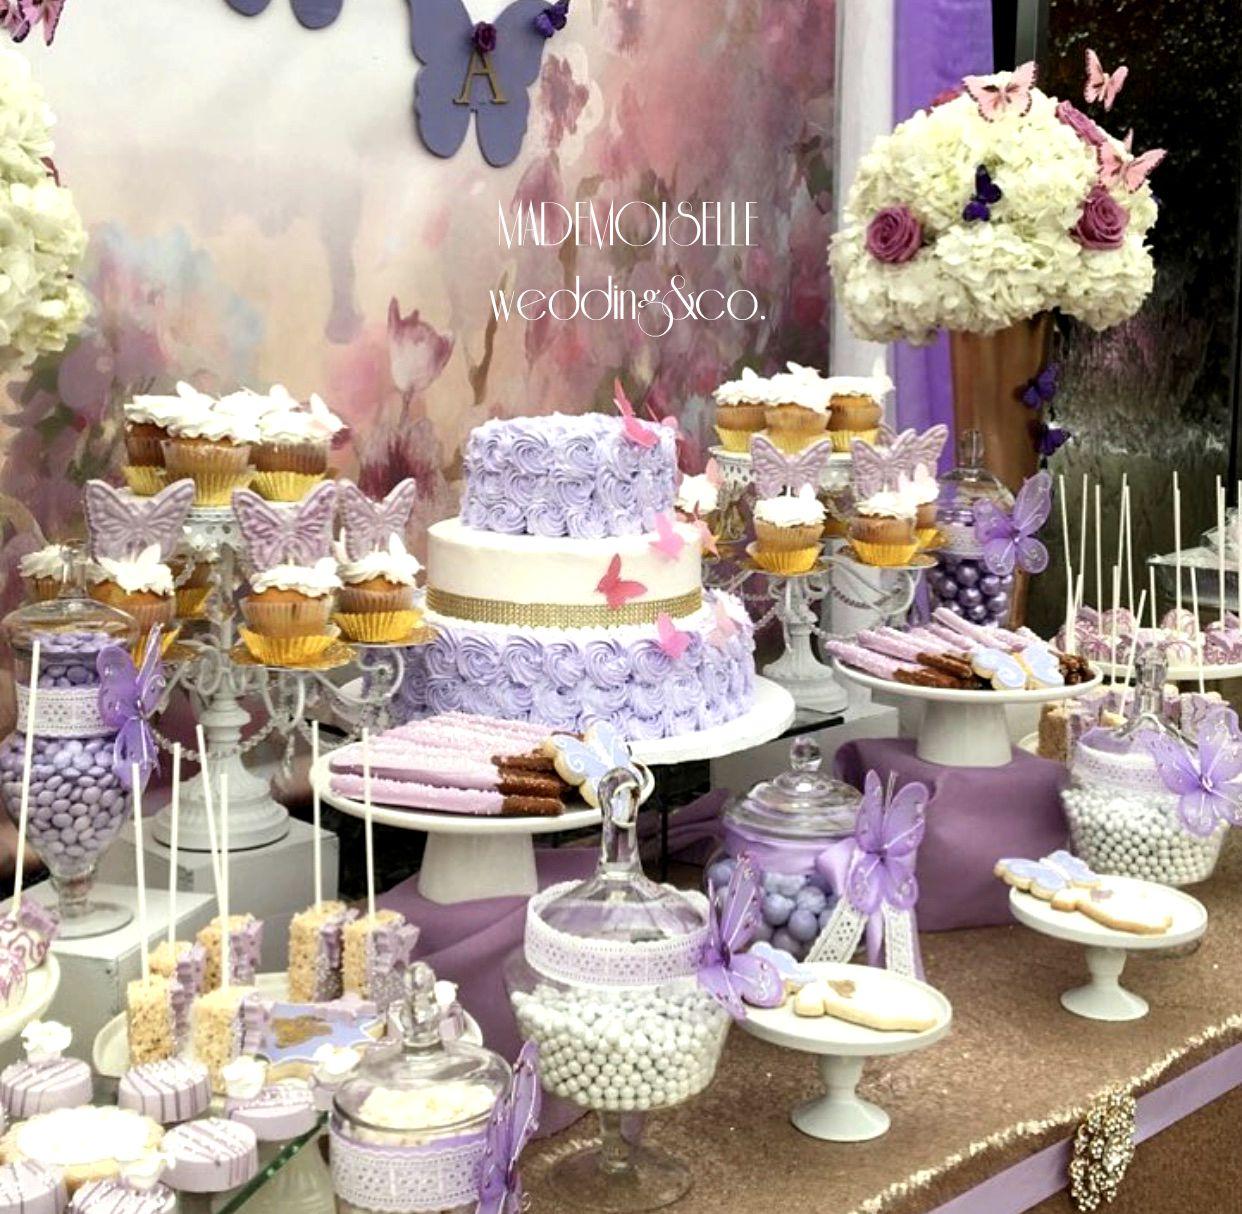 IMG_E4541-slatki sto-dekoracija rodjendana-dekoracija za svadbe-kolacici-lila dekoracija slatkog stola